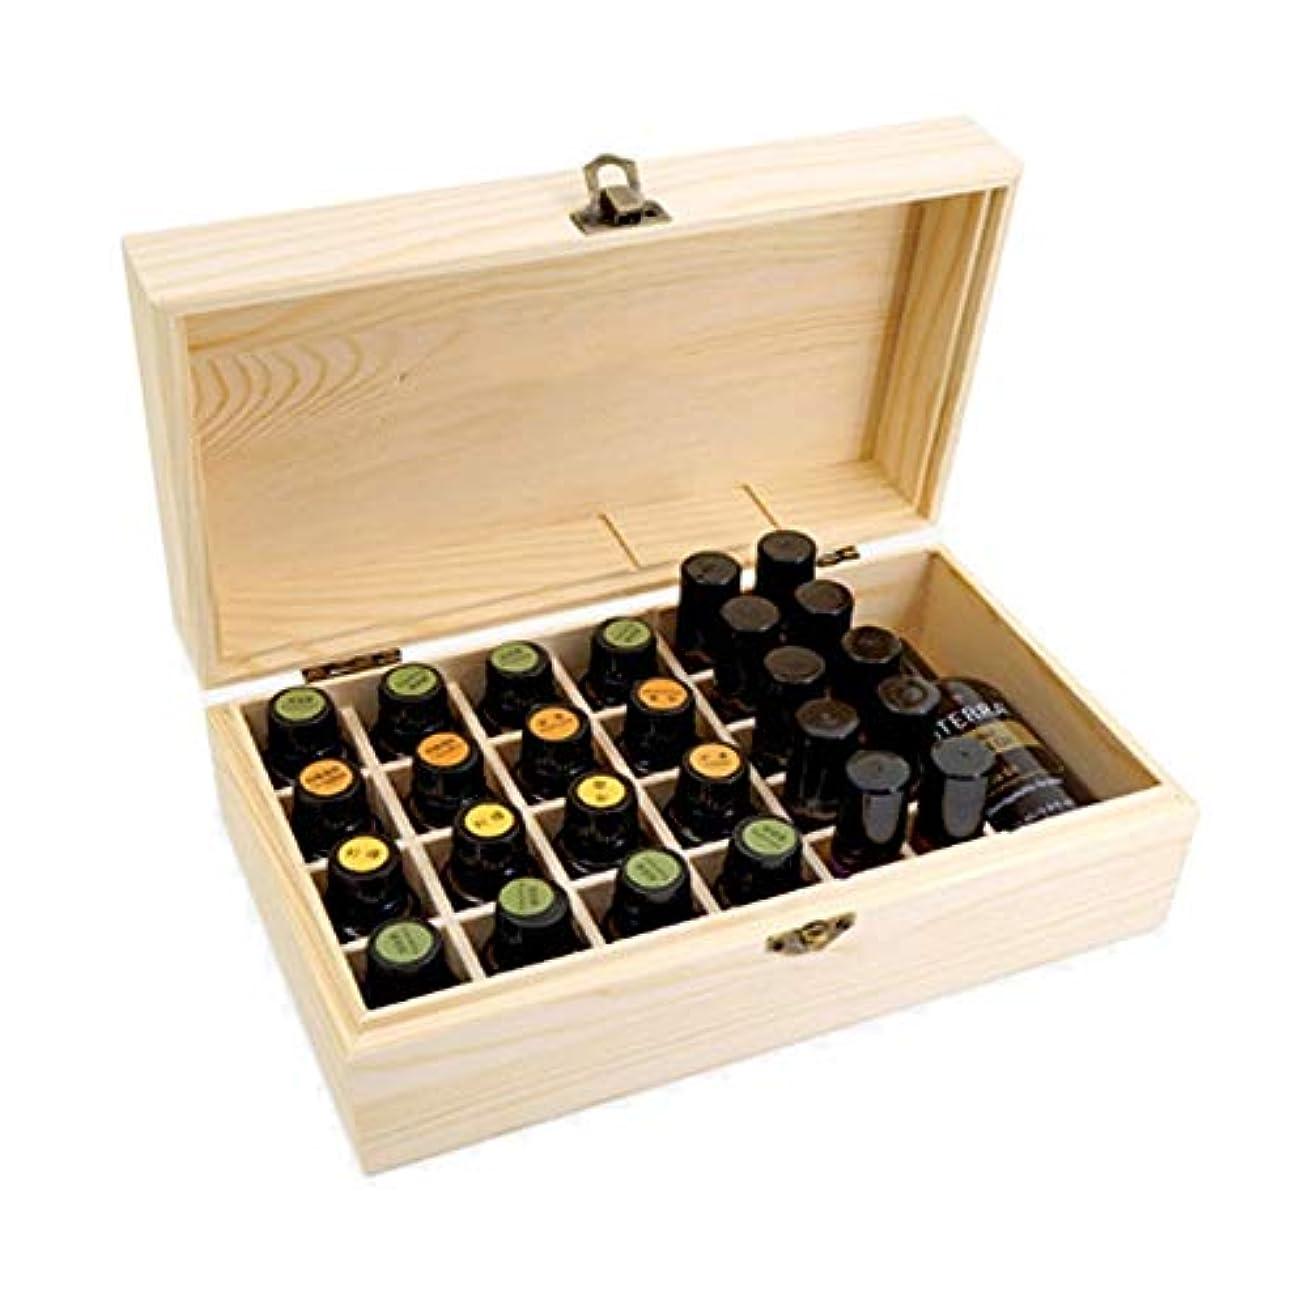 賞賛する規範出くわすエッセンシャルオイルの保管 キャリングそしてホームストレージディスプレイ用の18スロット木エッセンシャルオイルオーガナイザーストレージボックス金庫 (色 : Natural, サイズ : 25.5X14.8X9.9CM)